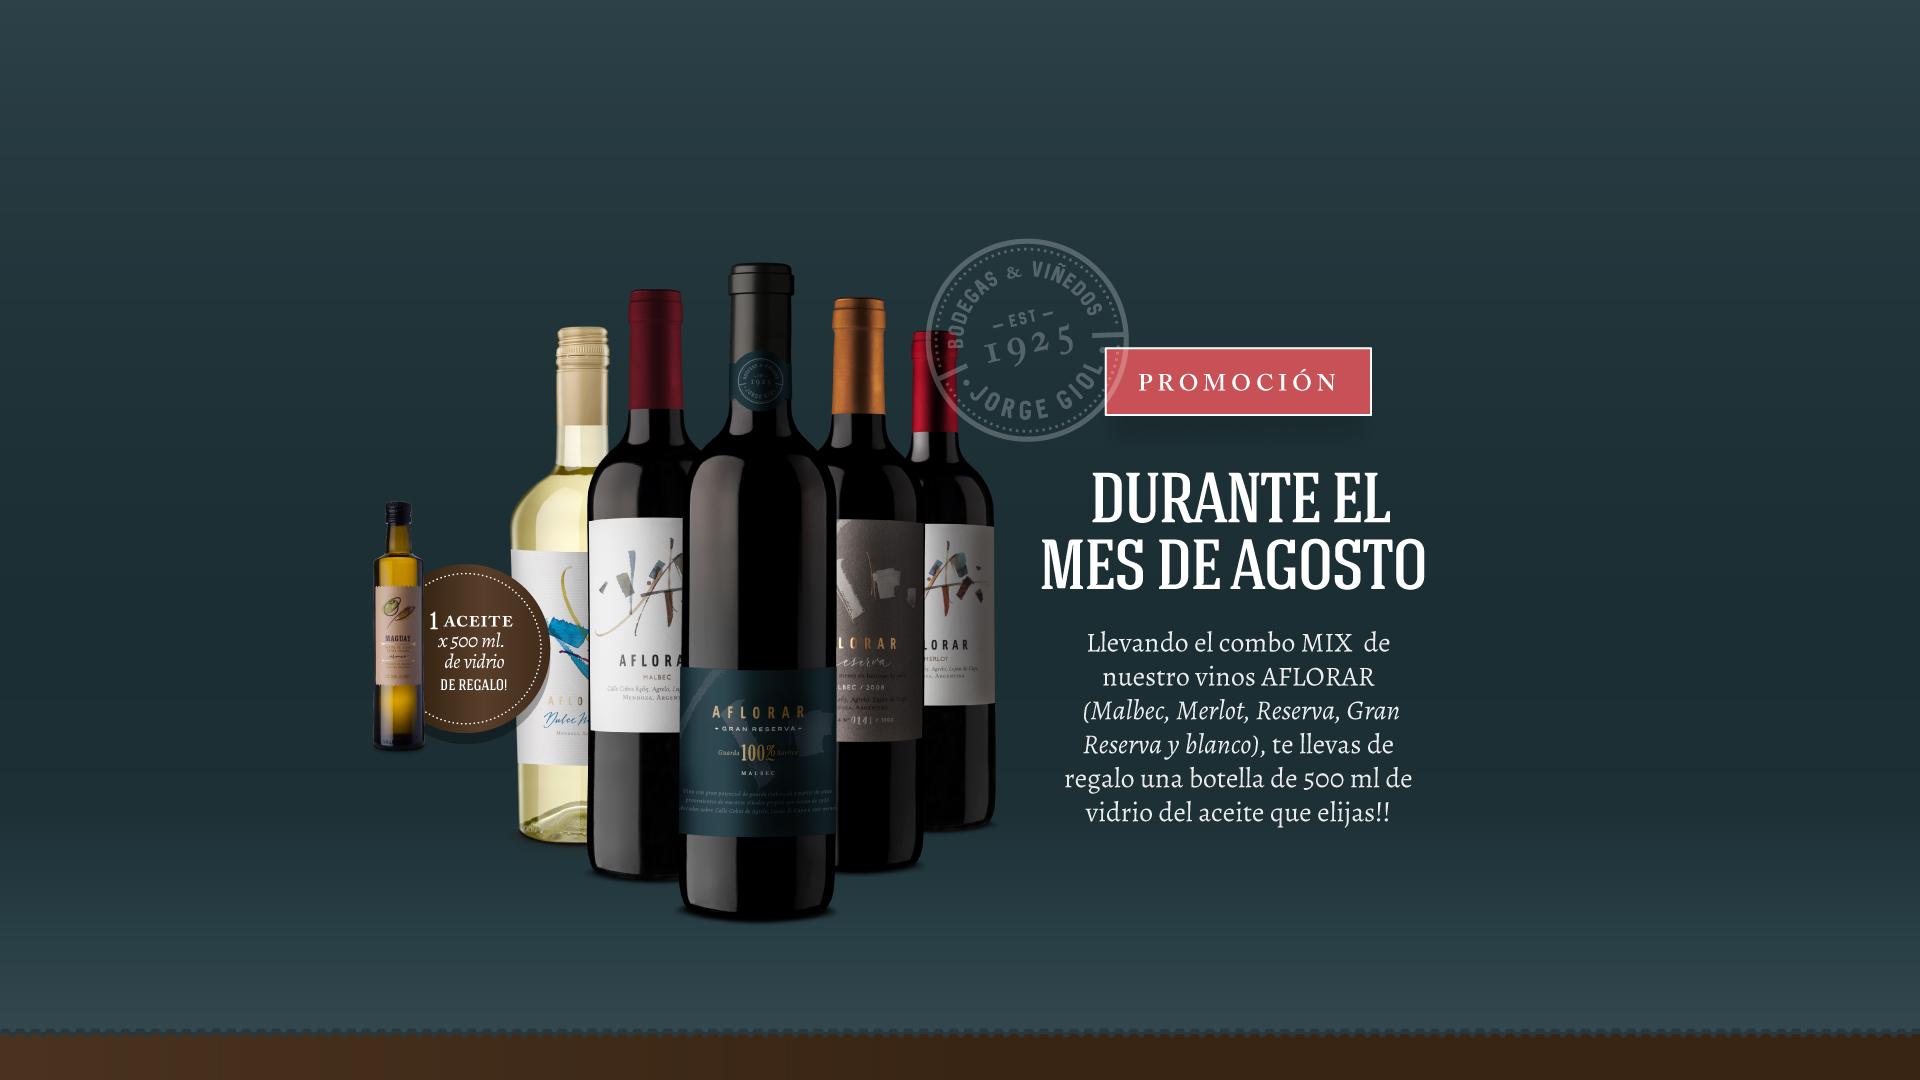 http://maguay.com.ar/es/promoagosto